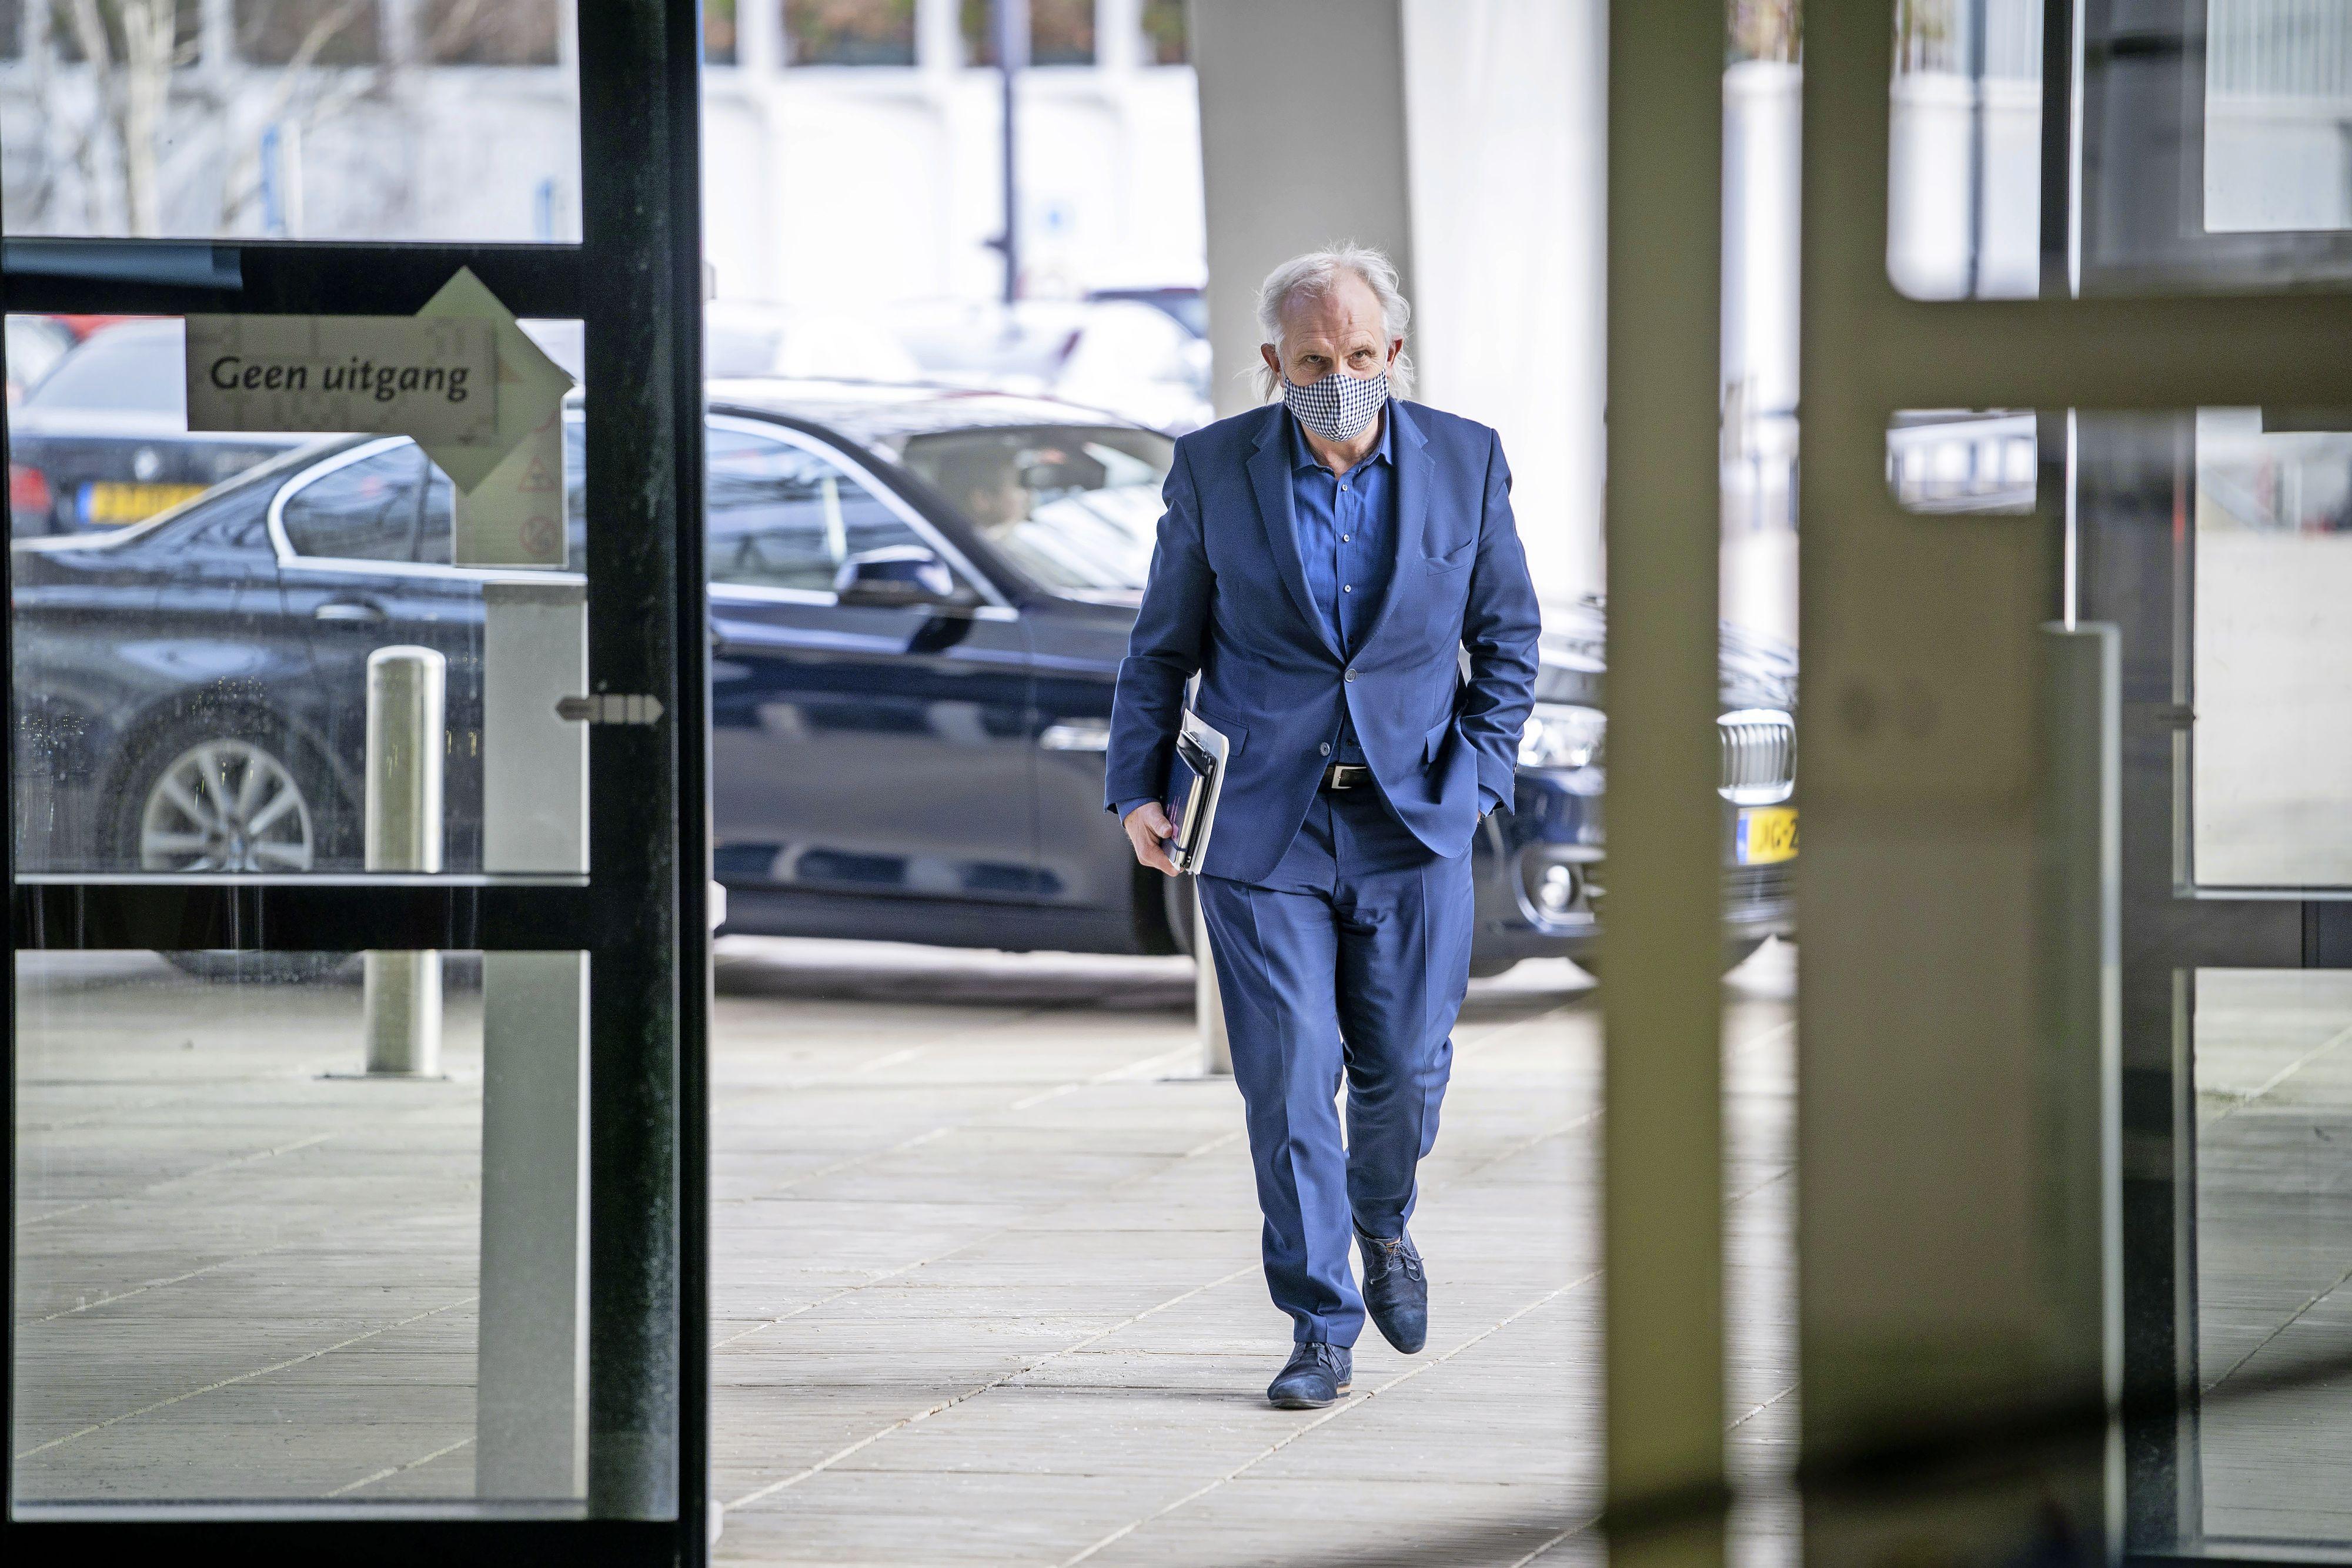 Burgemeester Hilversum vreest burgerlijke ongehoorzaamheid als er niet meer versoepelingen komen: 'Er móét 8 maart een goed plan met een duidelijk perspectief liggen'